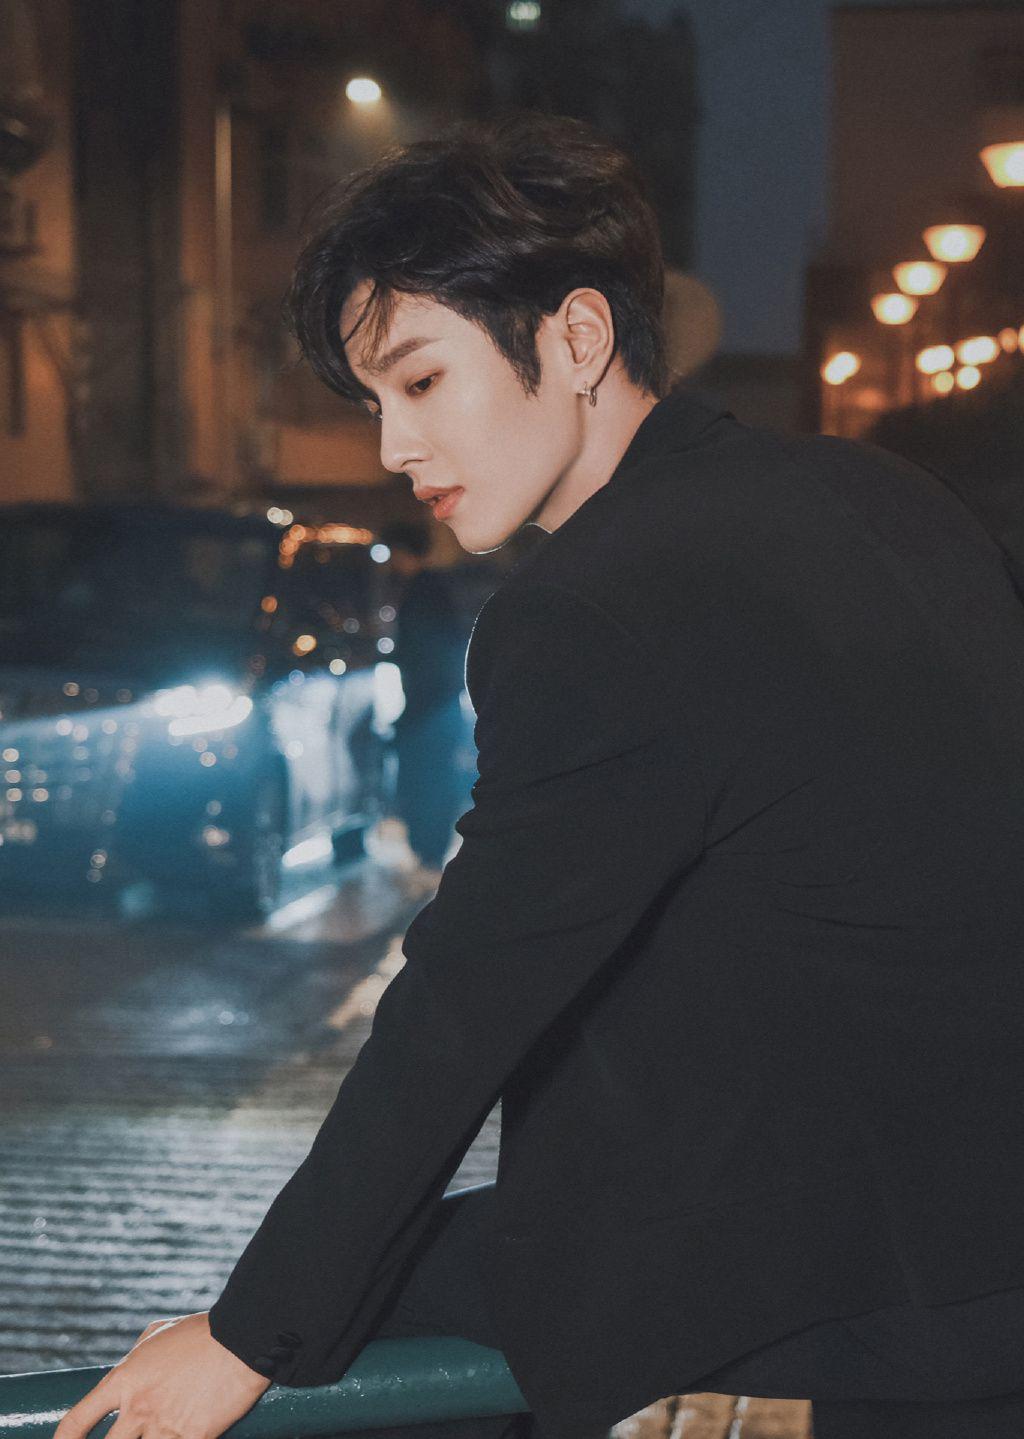 李汶翰化身午夜街头黑衣王子帅气街拍写真照片套图3